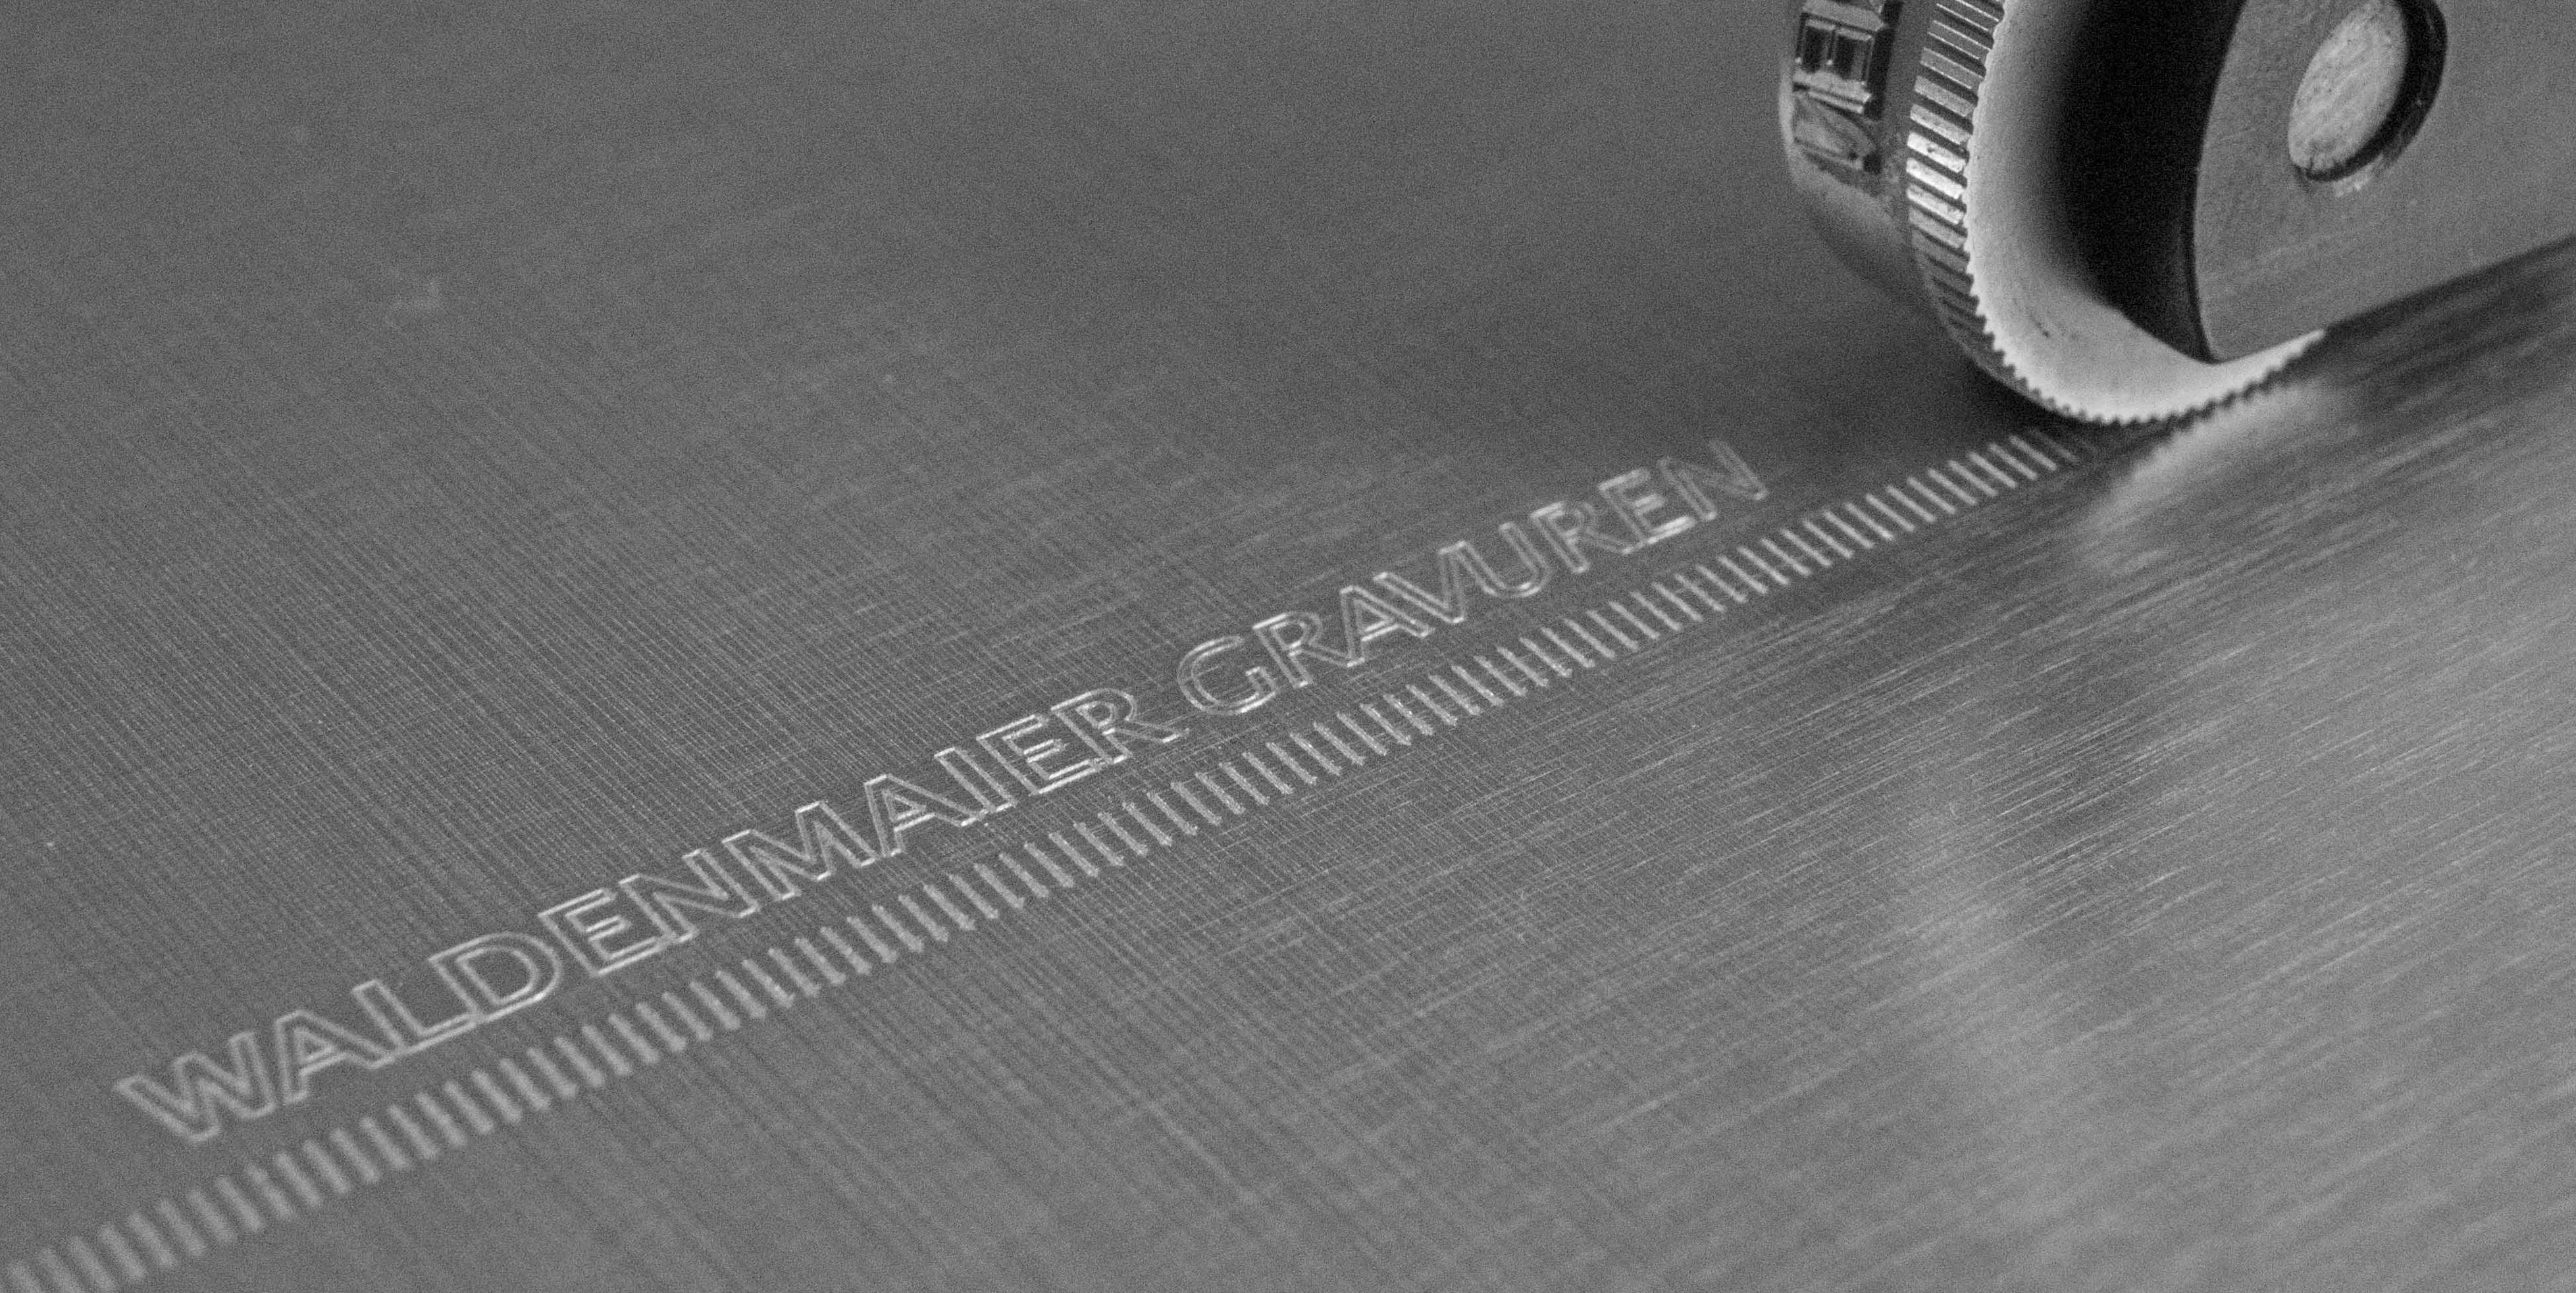 Prägerolle zur Umfangbeschriftung. Prägerolle zur Teilekennzeichnung. Signierrolle zur Endlosbeschriftung bzw. Stangensignierung.